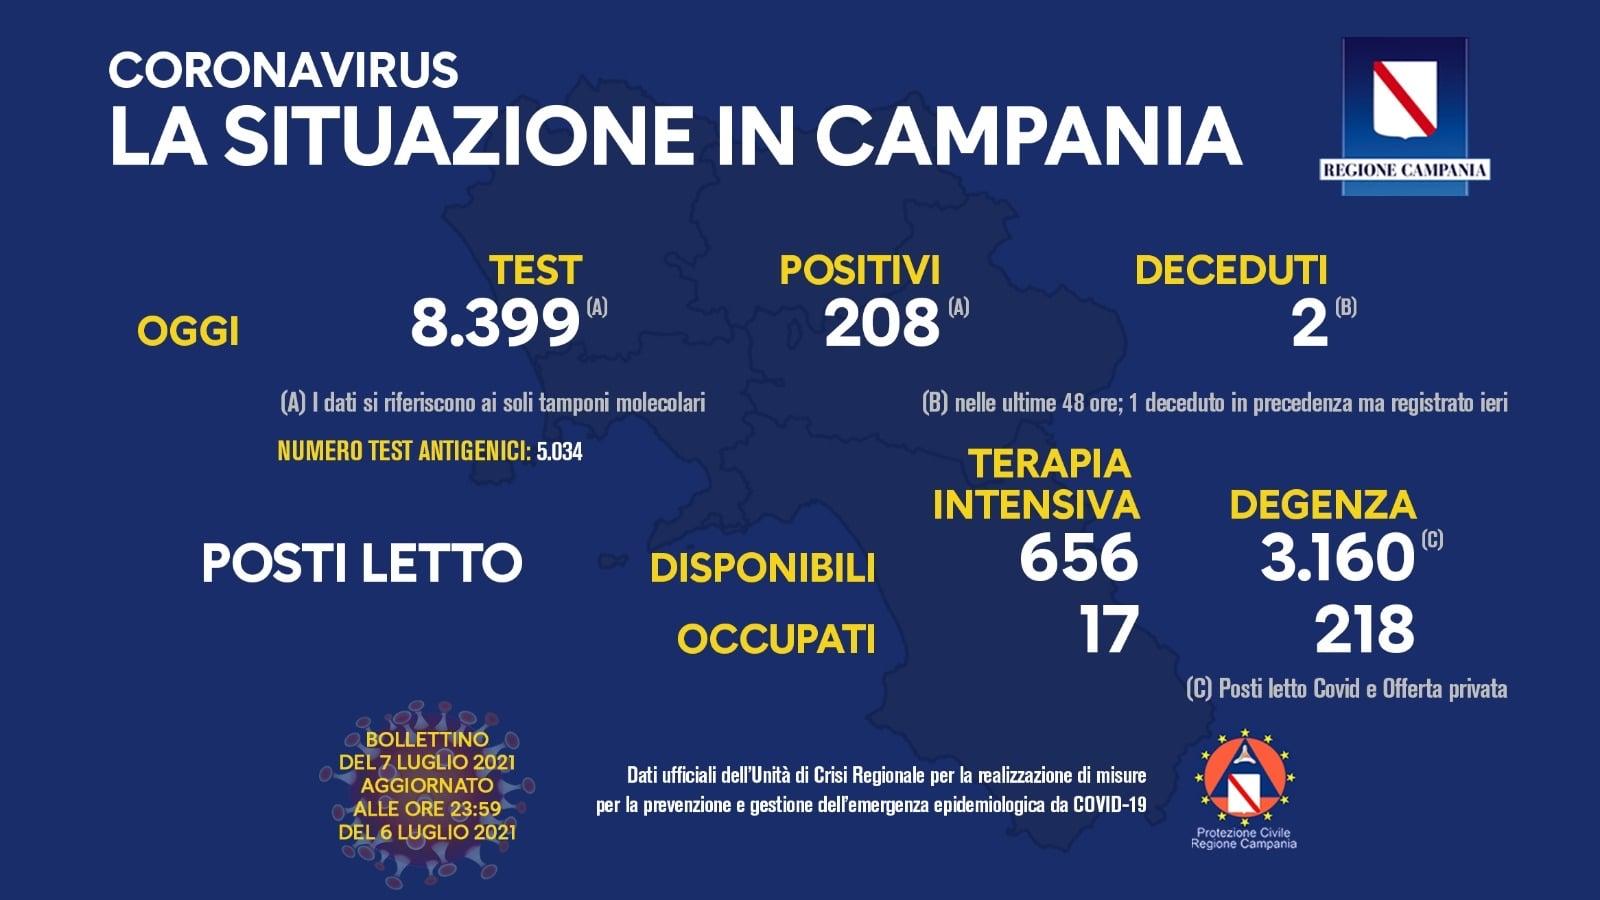 Coronavirus in Campania, i dati del 6 luglio: 208 positivi